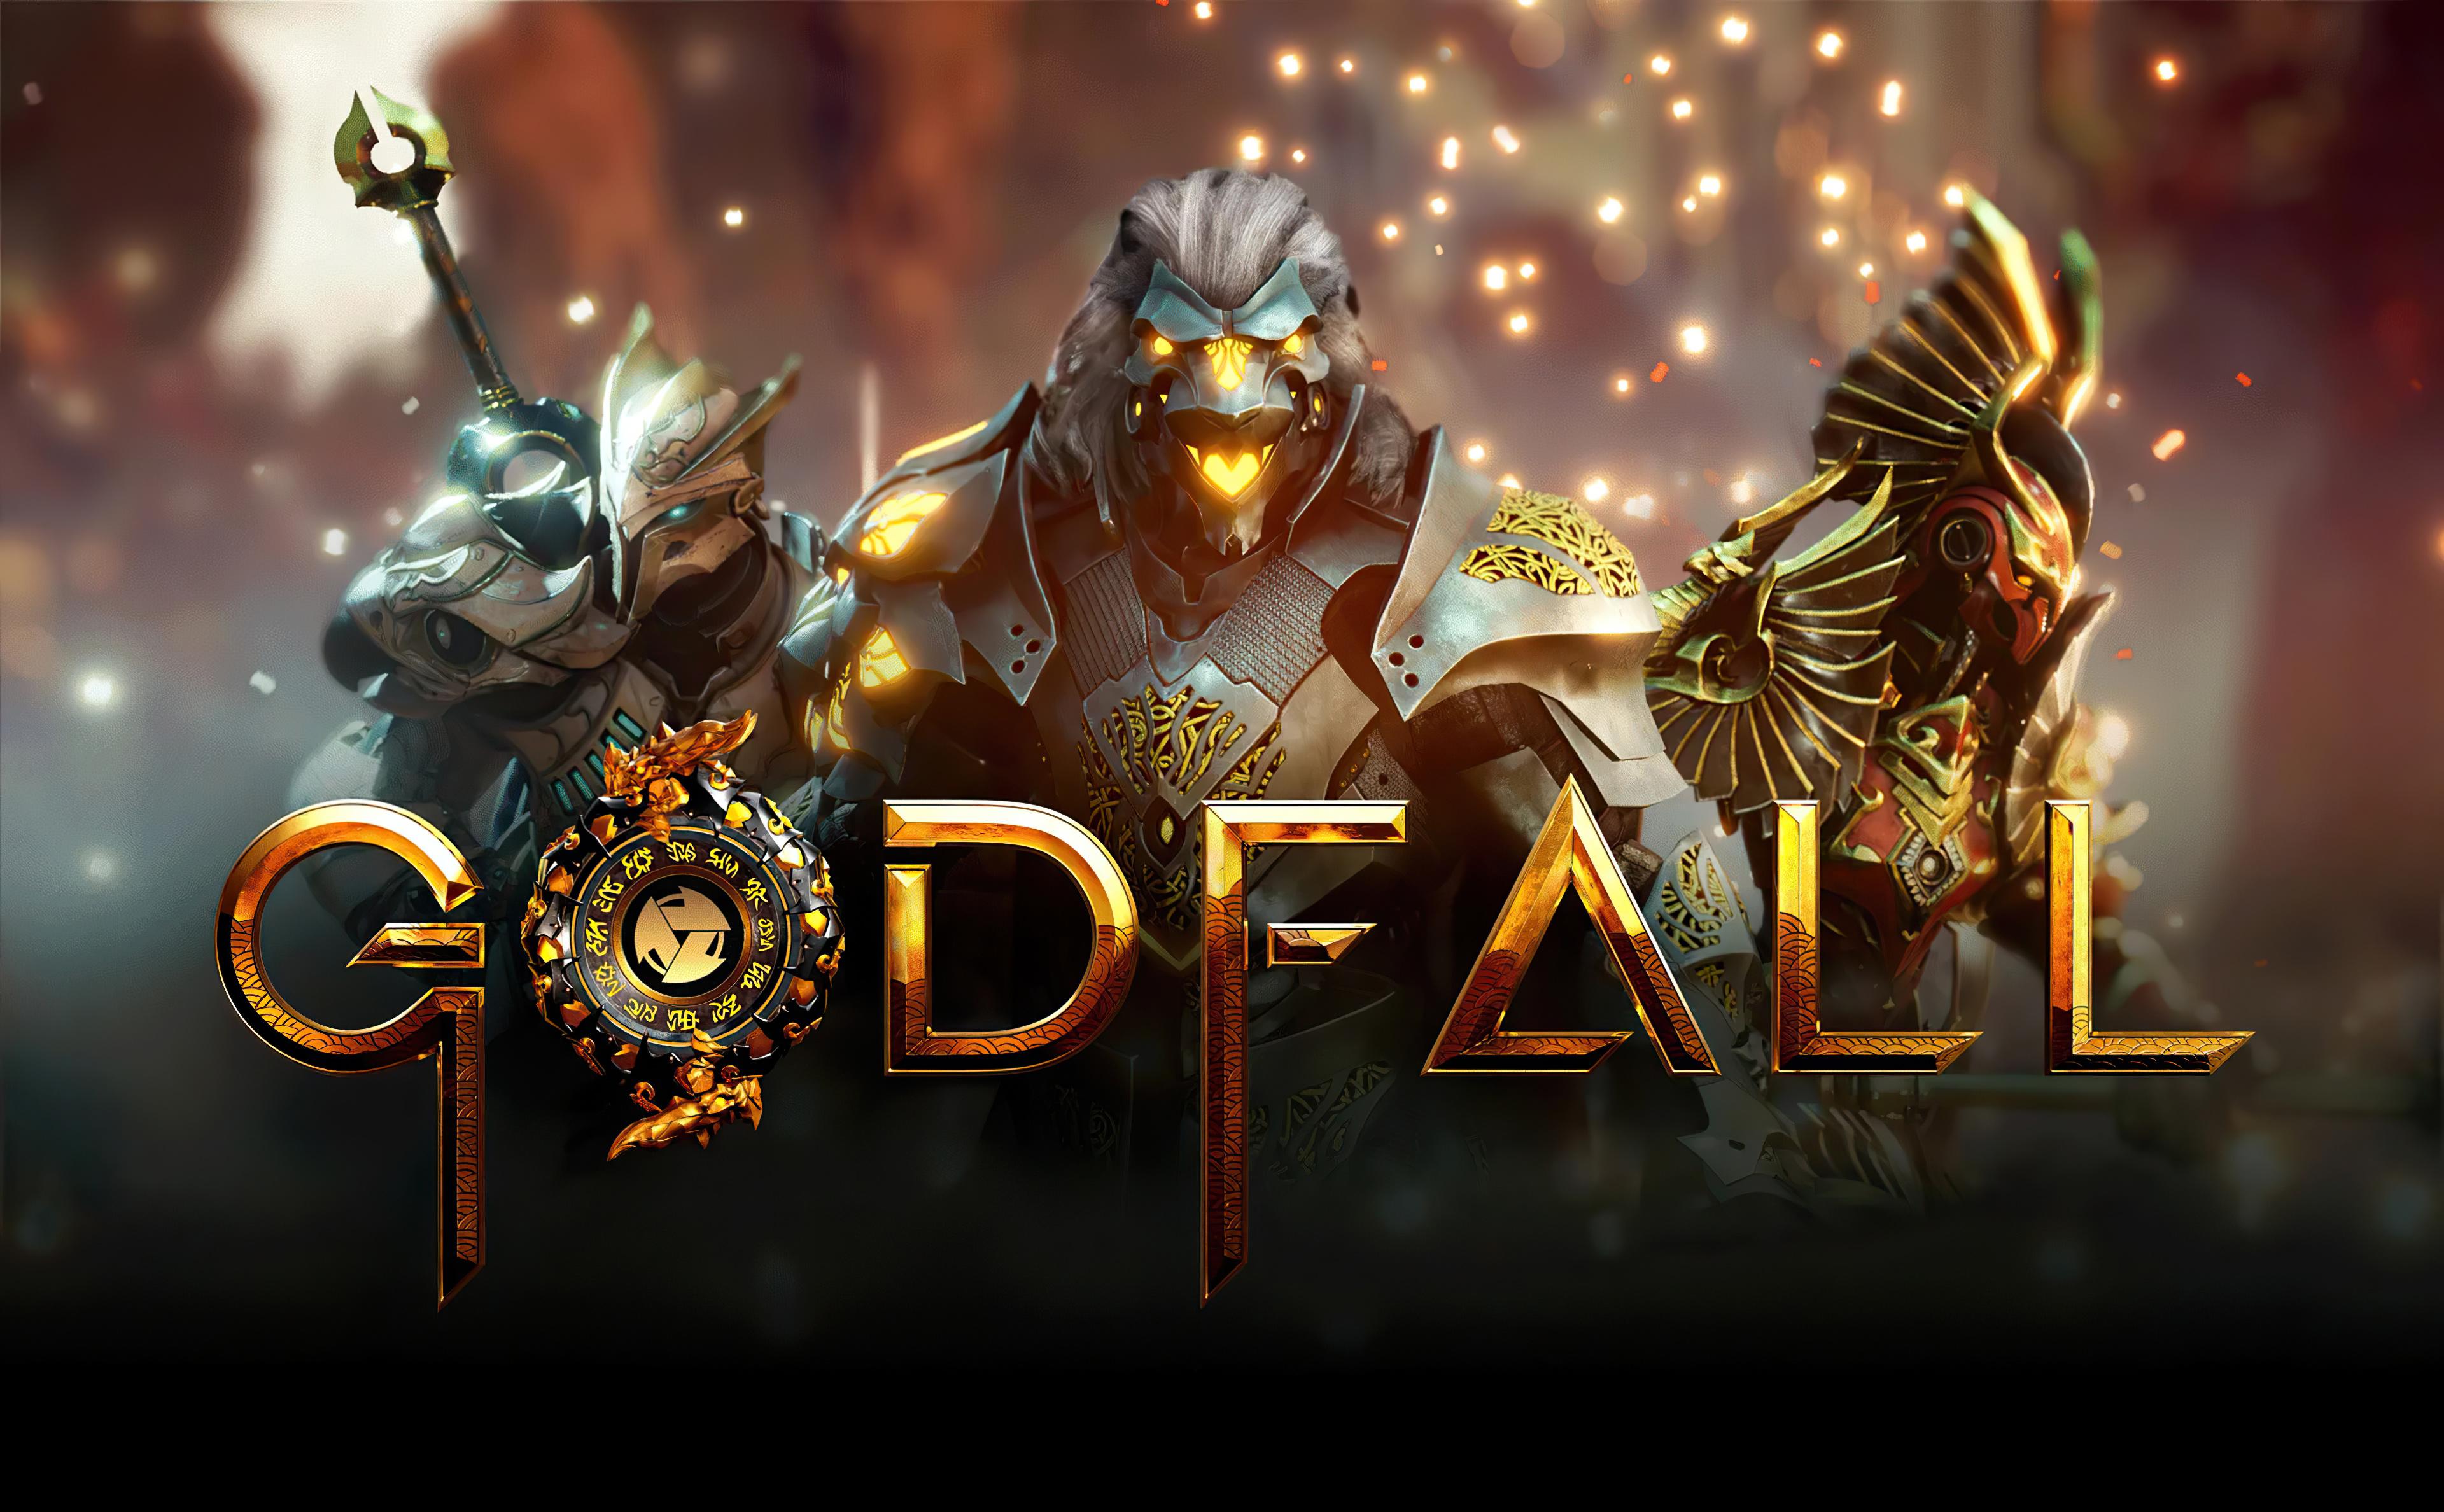 Fondos de pantalla Personajes de Godfall